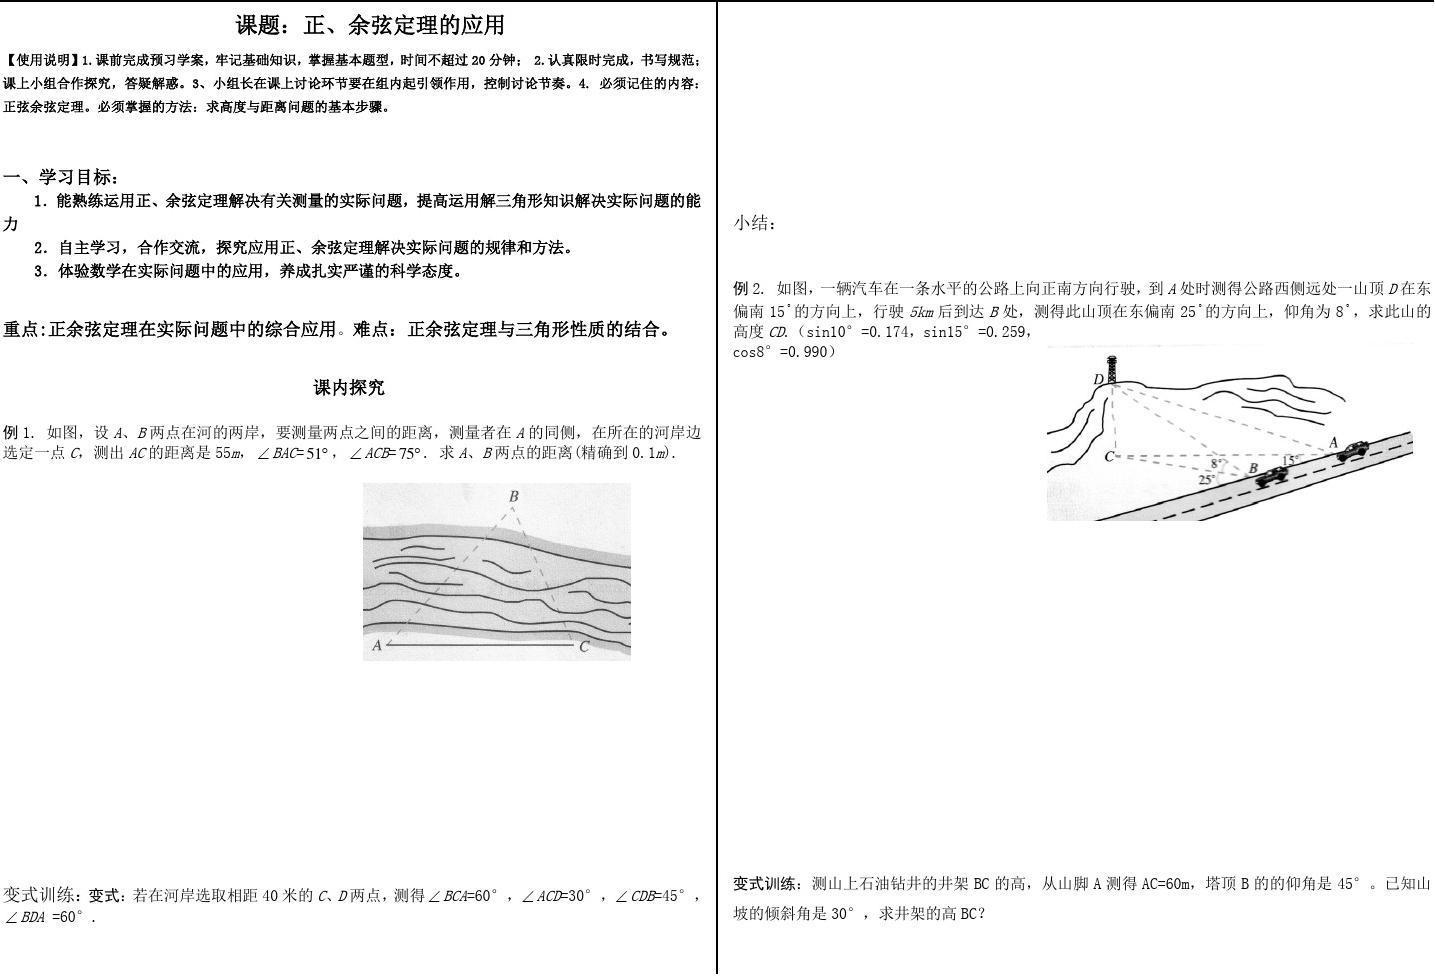 正余弦定理应用举例(高中数学研究性学习)